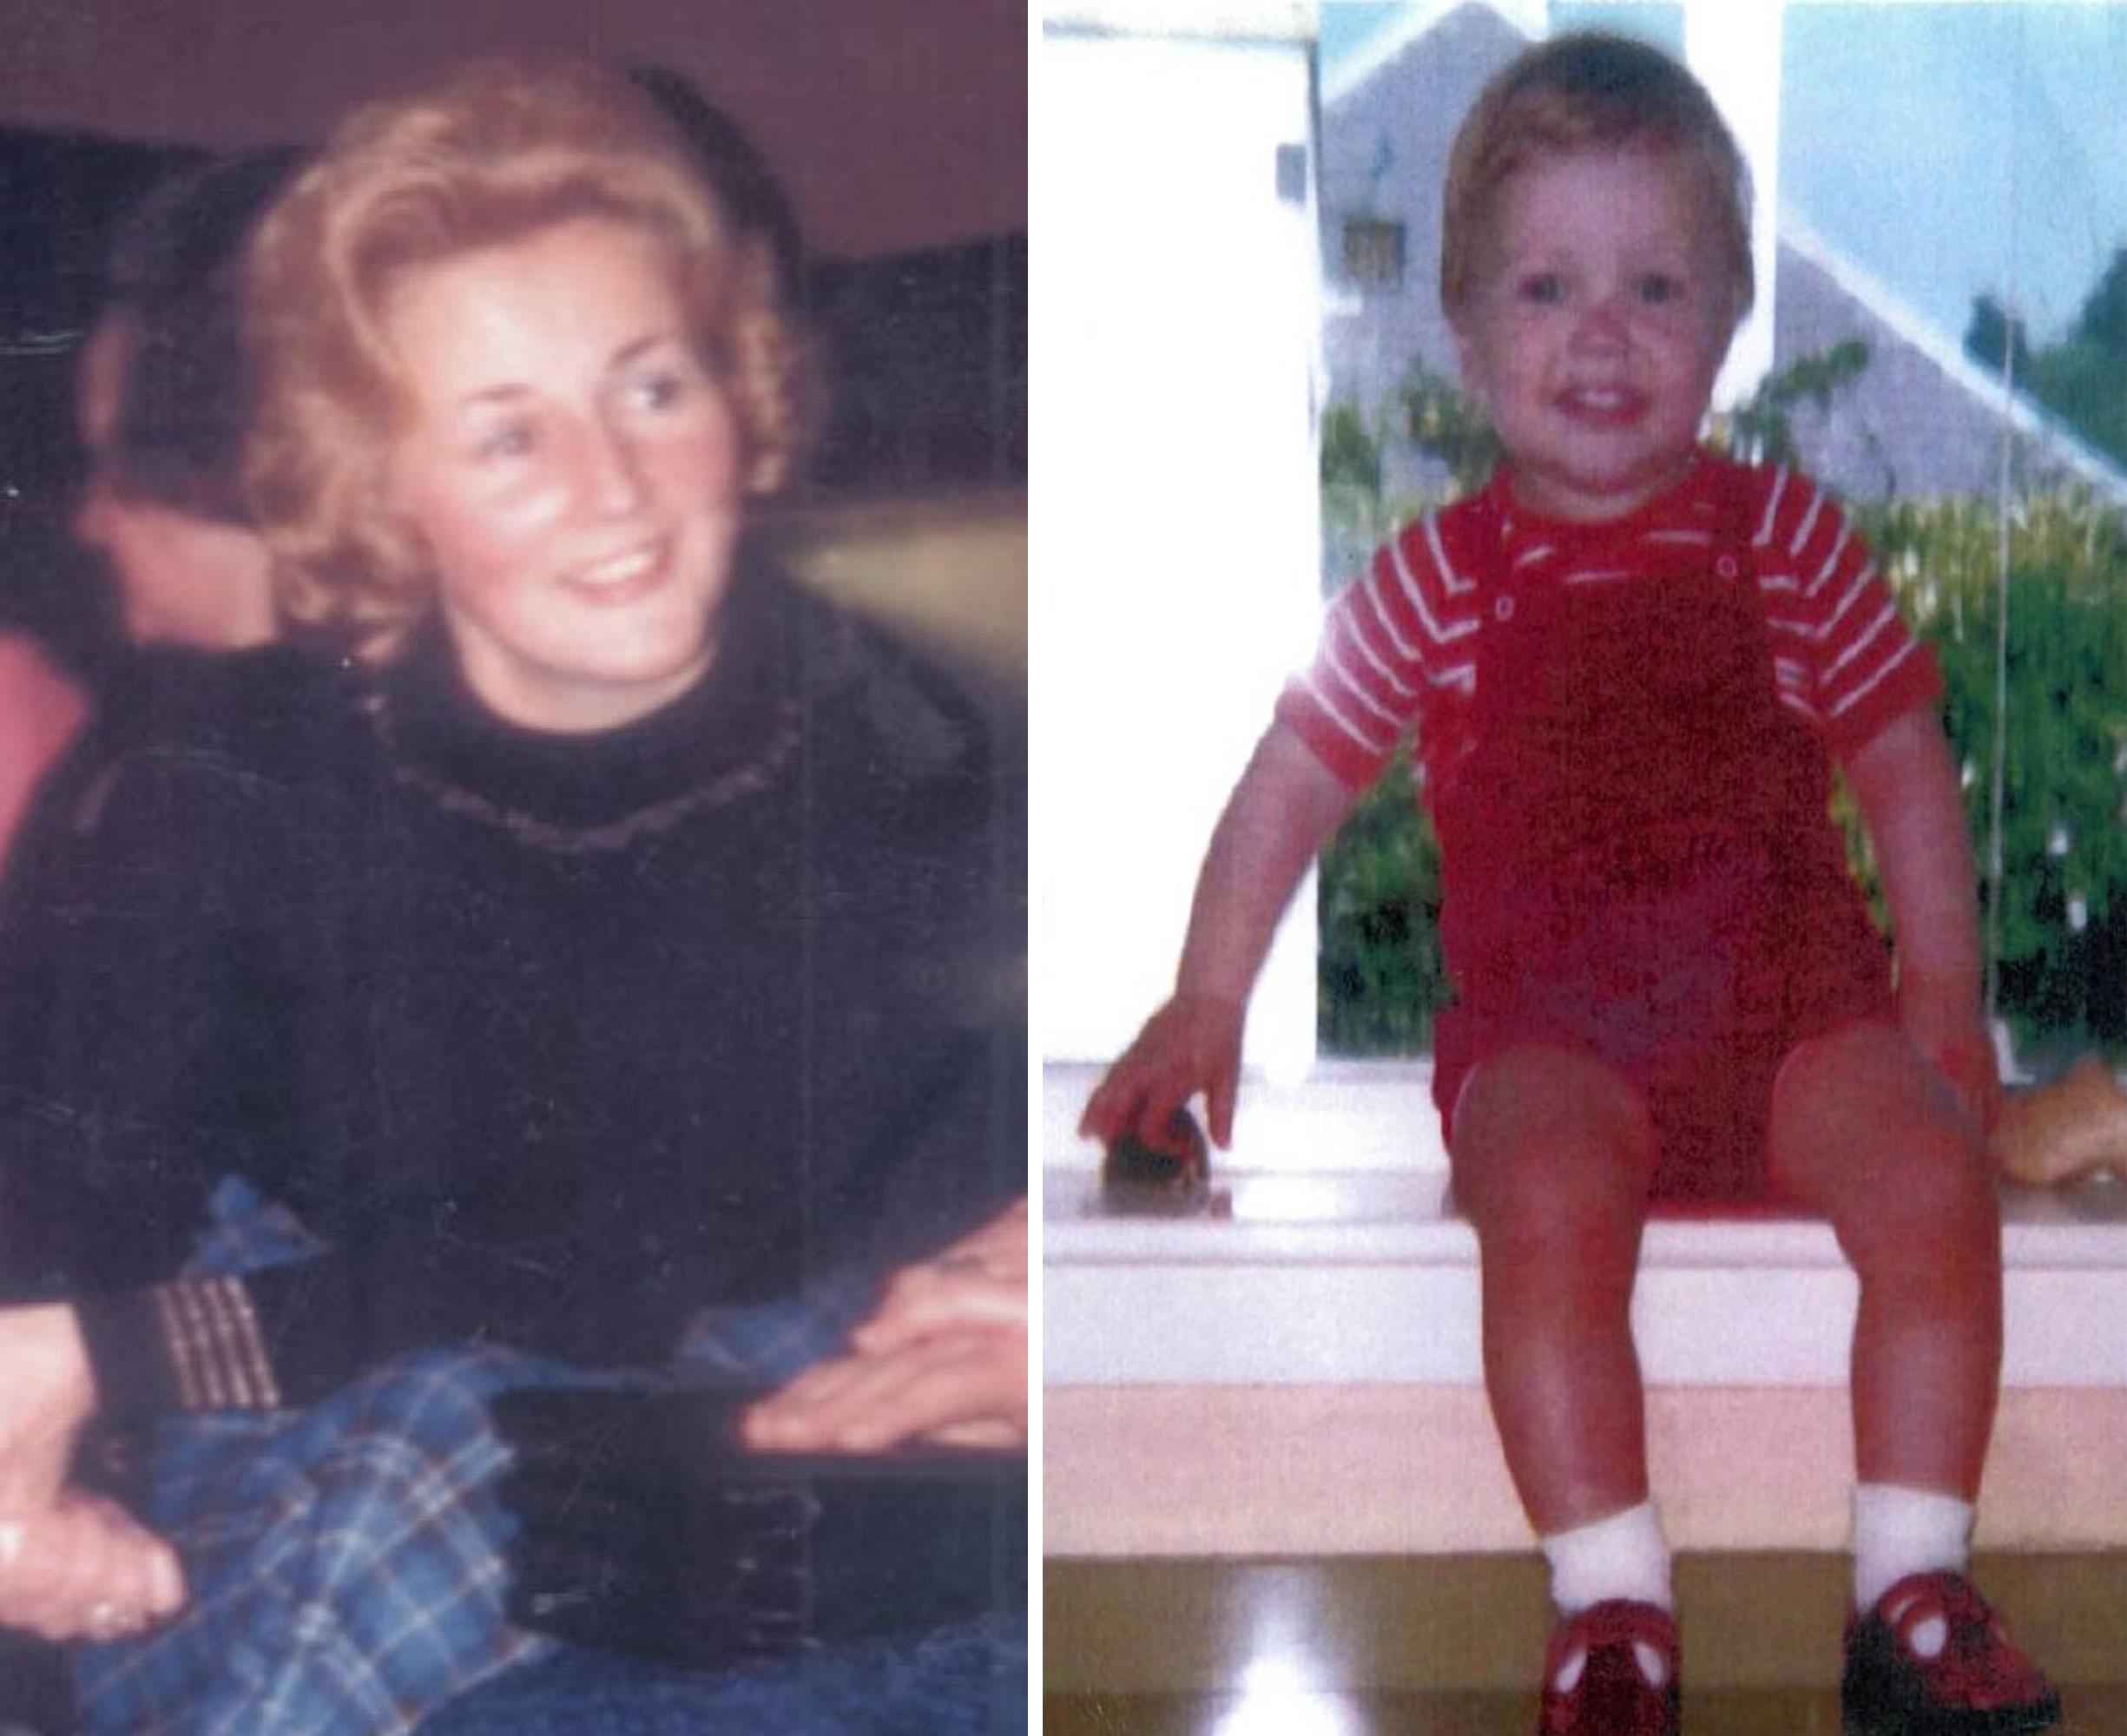 Renee MacRae, 36, and three-year-old Andrew Macrae